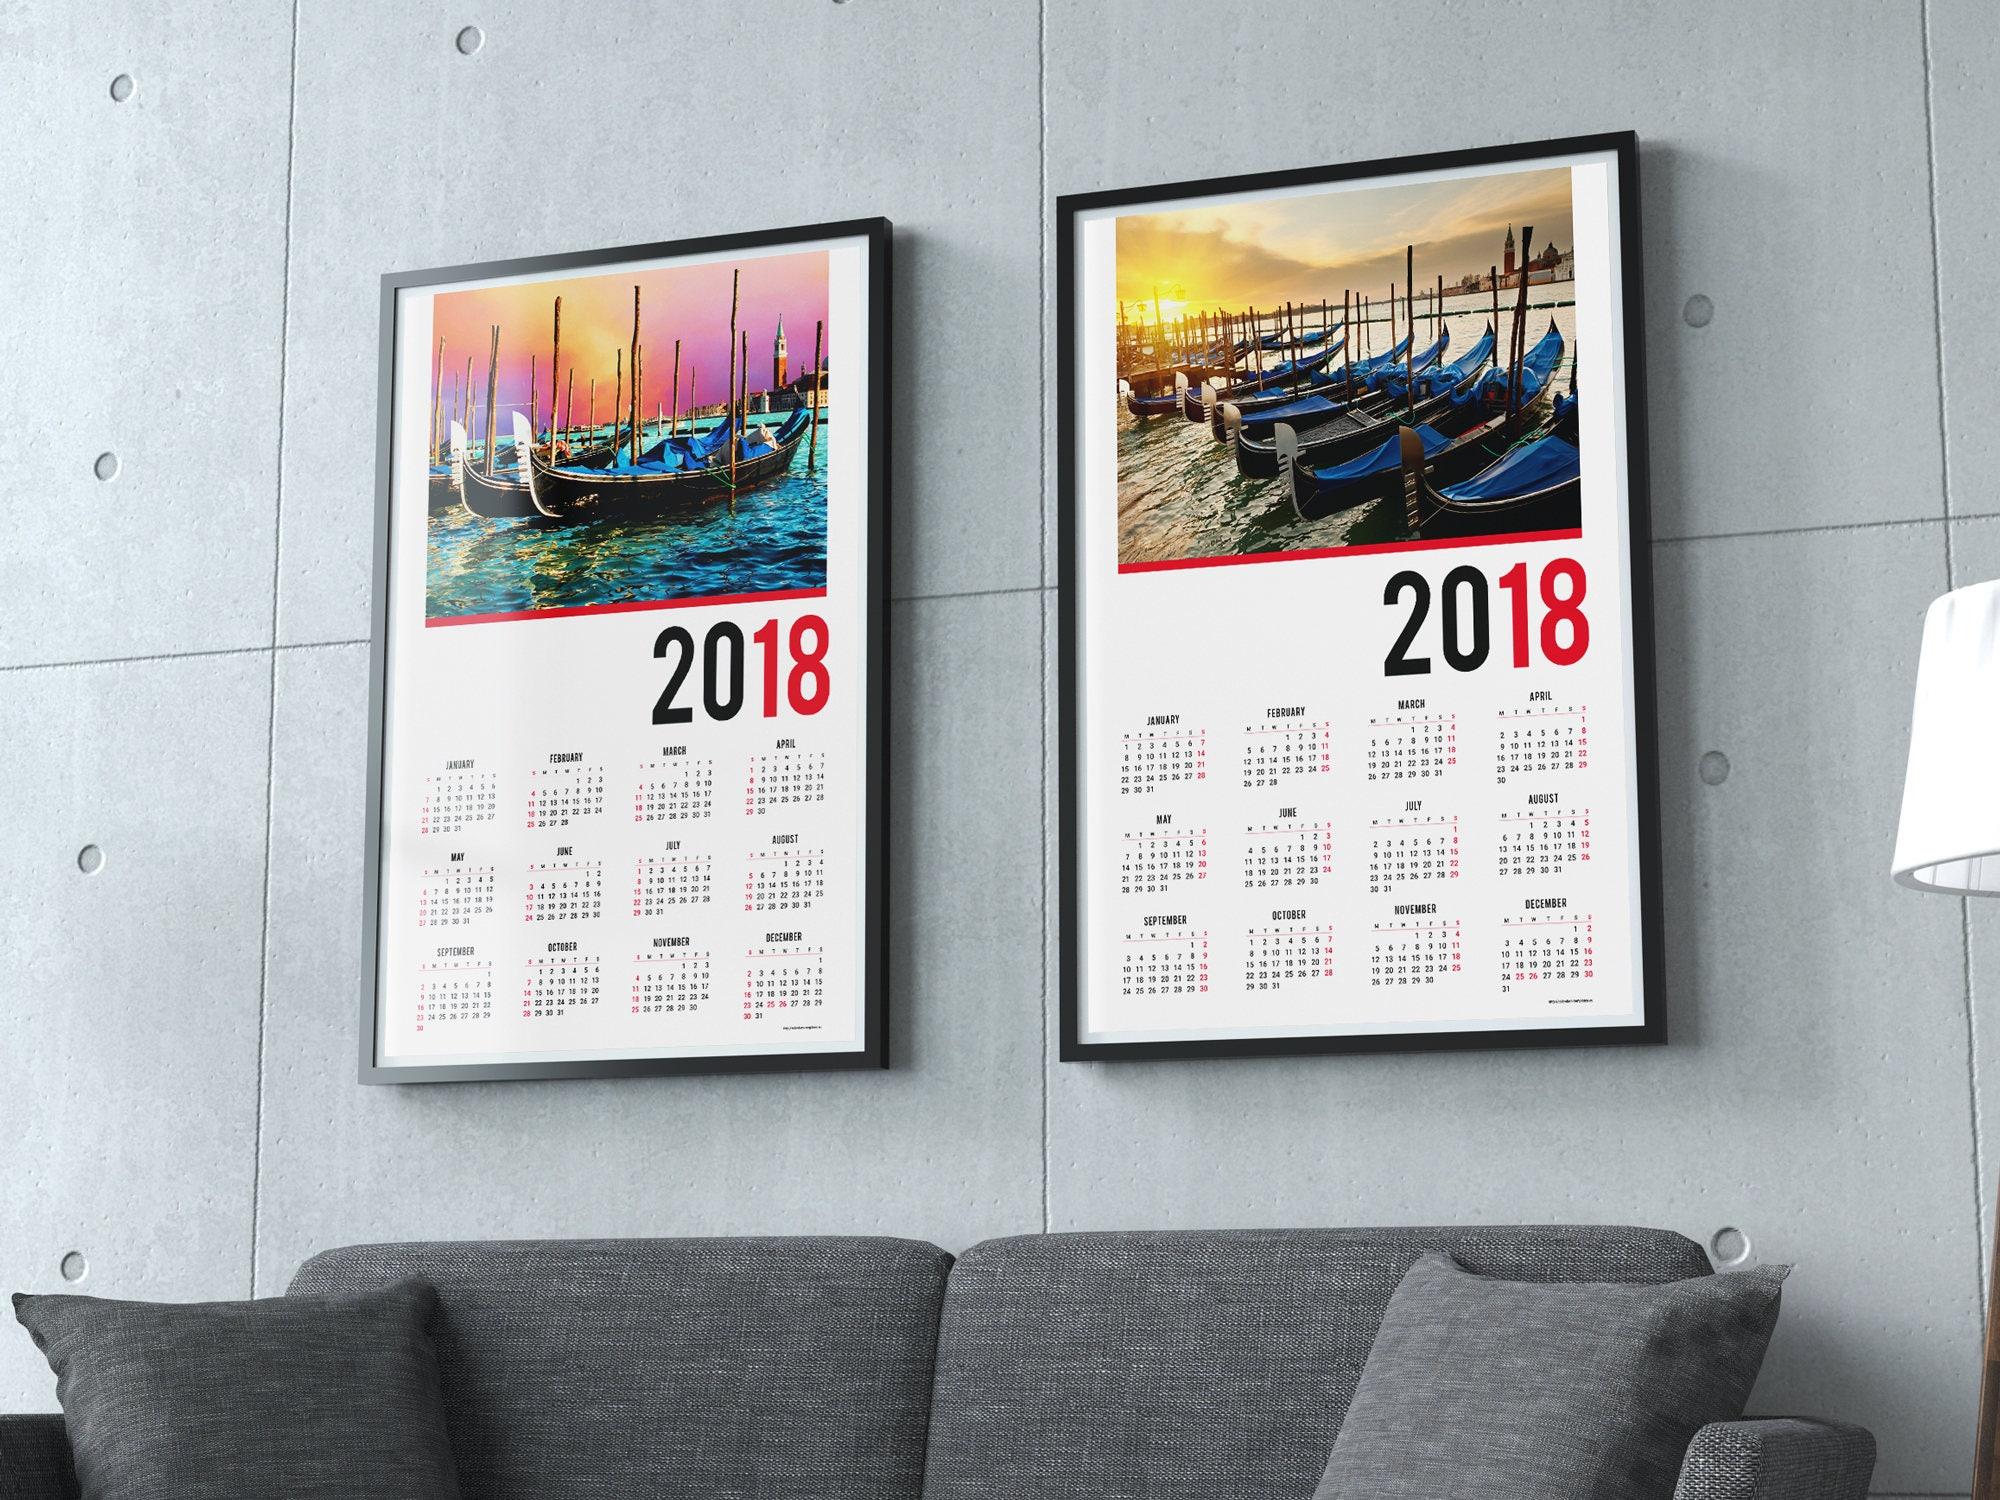 Wall Calendar Design Templates : Poster wall calendar template kjp w pdf format size